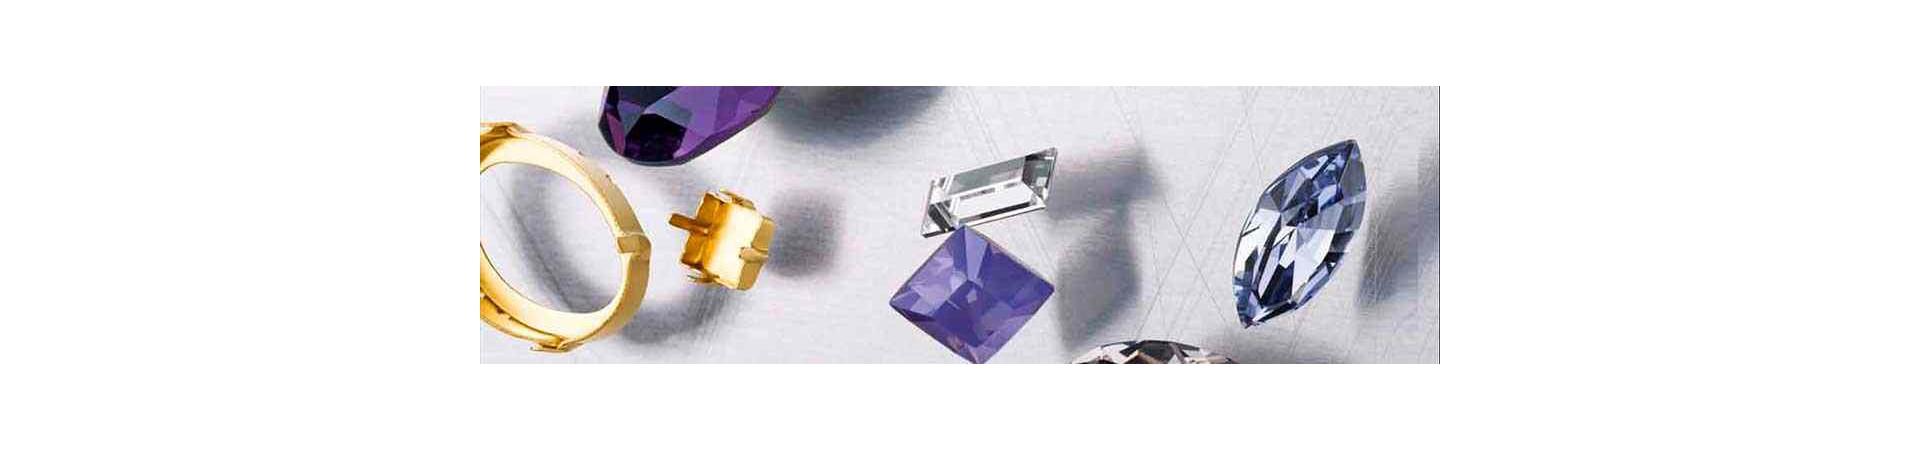 Kinnitused Ehete Kristallidele (Fancy Stones Settings)